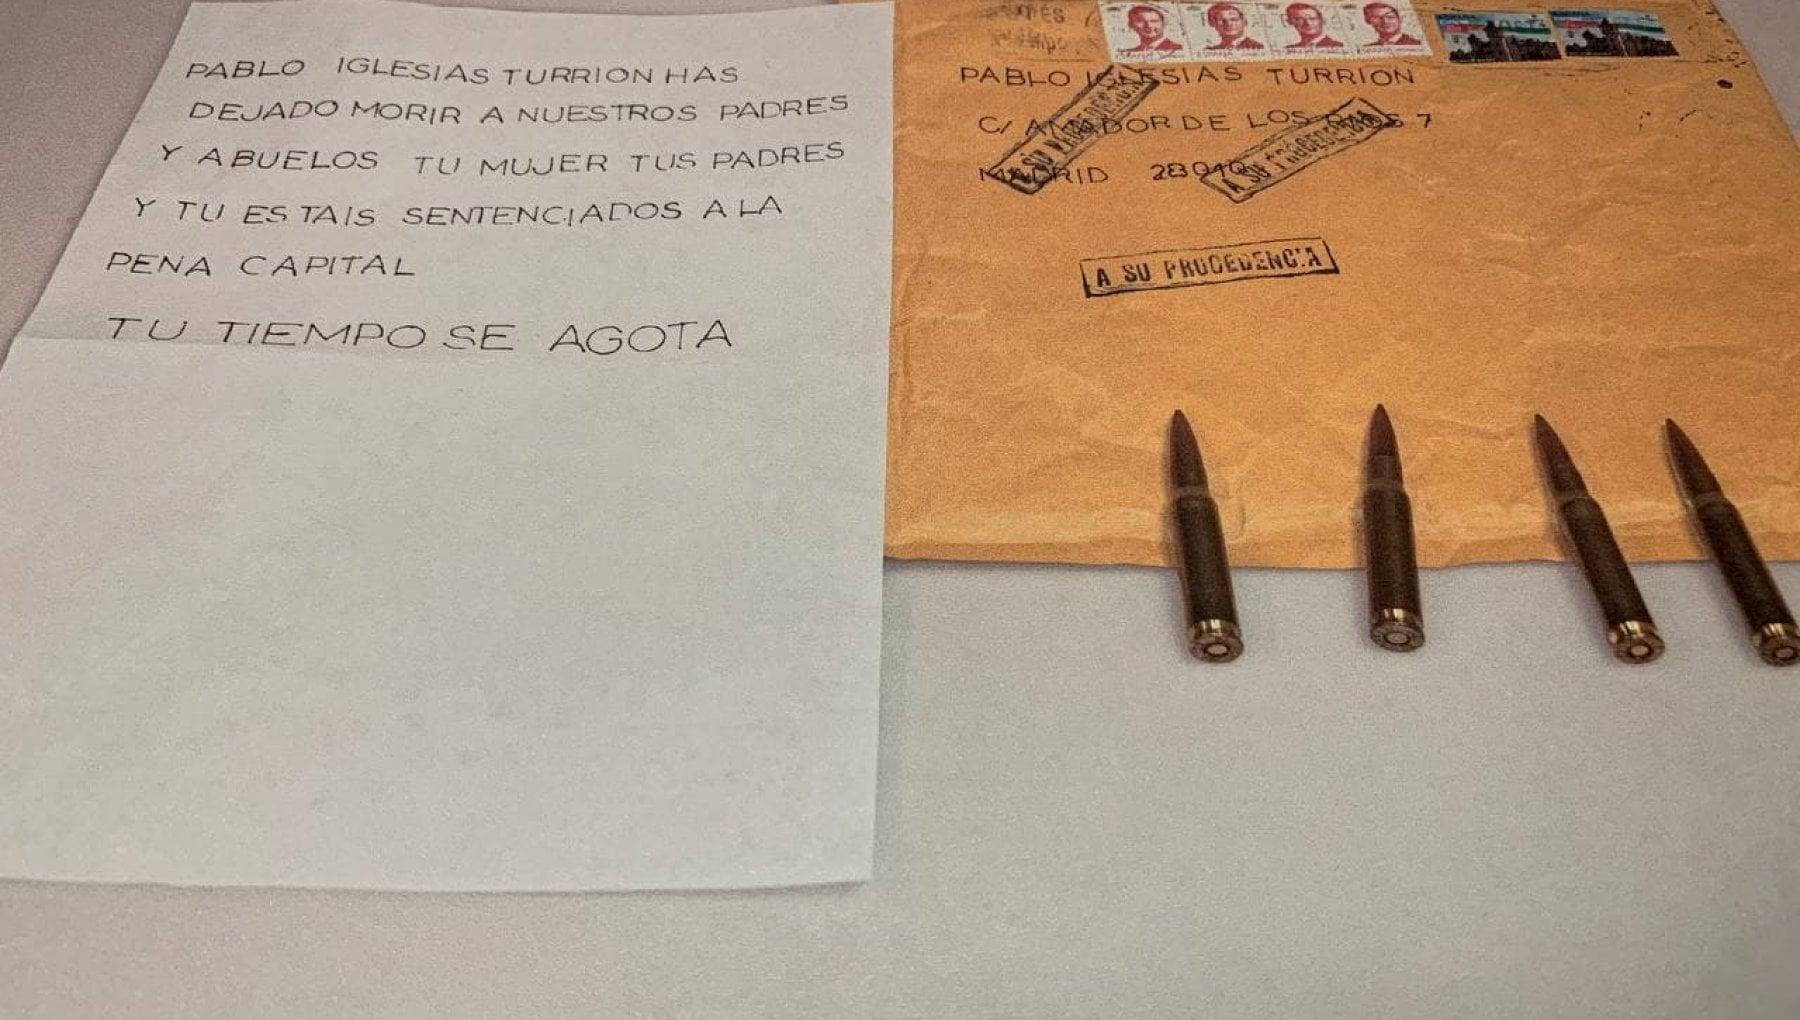 213155212 c2c57ff4 e2d5 43fb b226 35f16d52e0c9 - Minacce di morte a Pablo Iglesias. Vox non condanna, la sinistra in blocco abbandona i dibattiti elettorali a Madrid